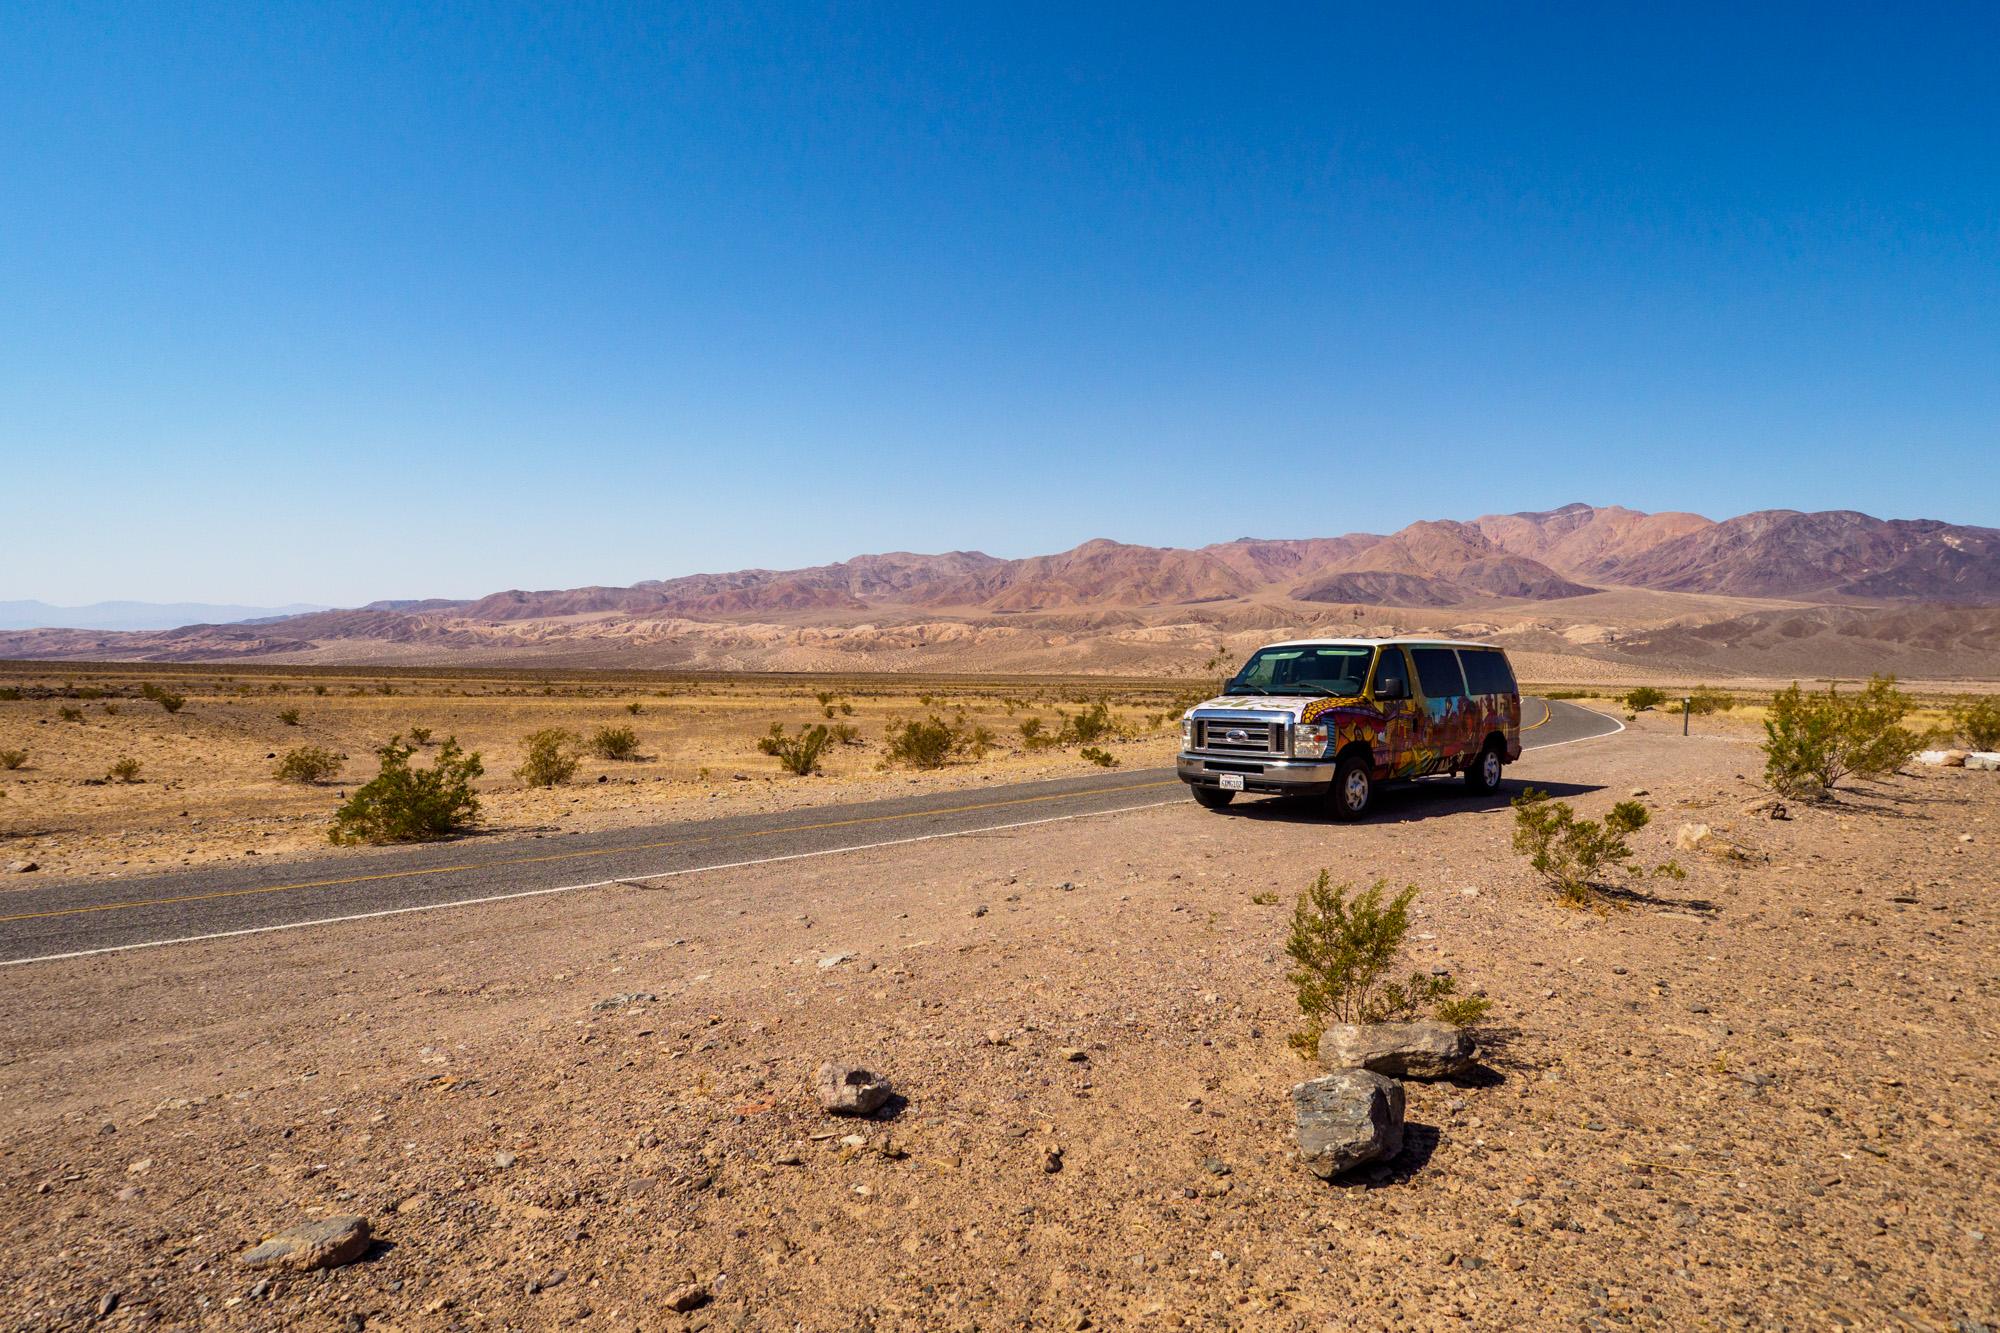 Death Valley Nationalpark - Auf dem Weg nach Las Vegas